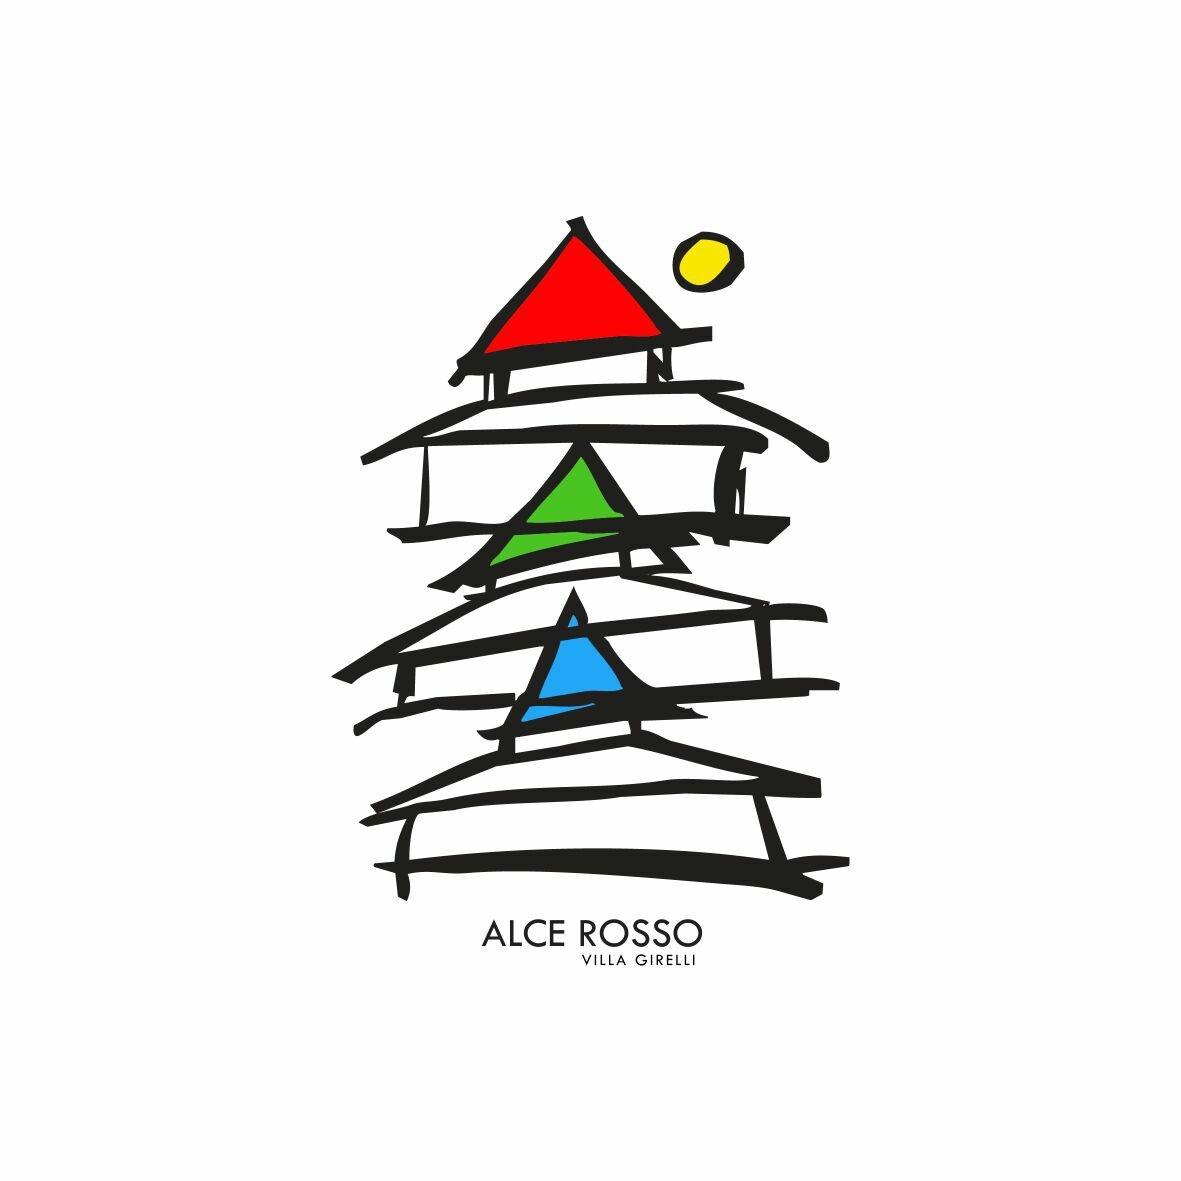 Alce Rosso